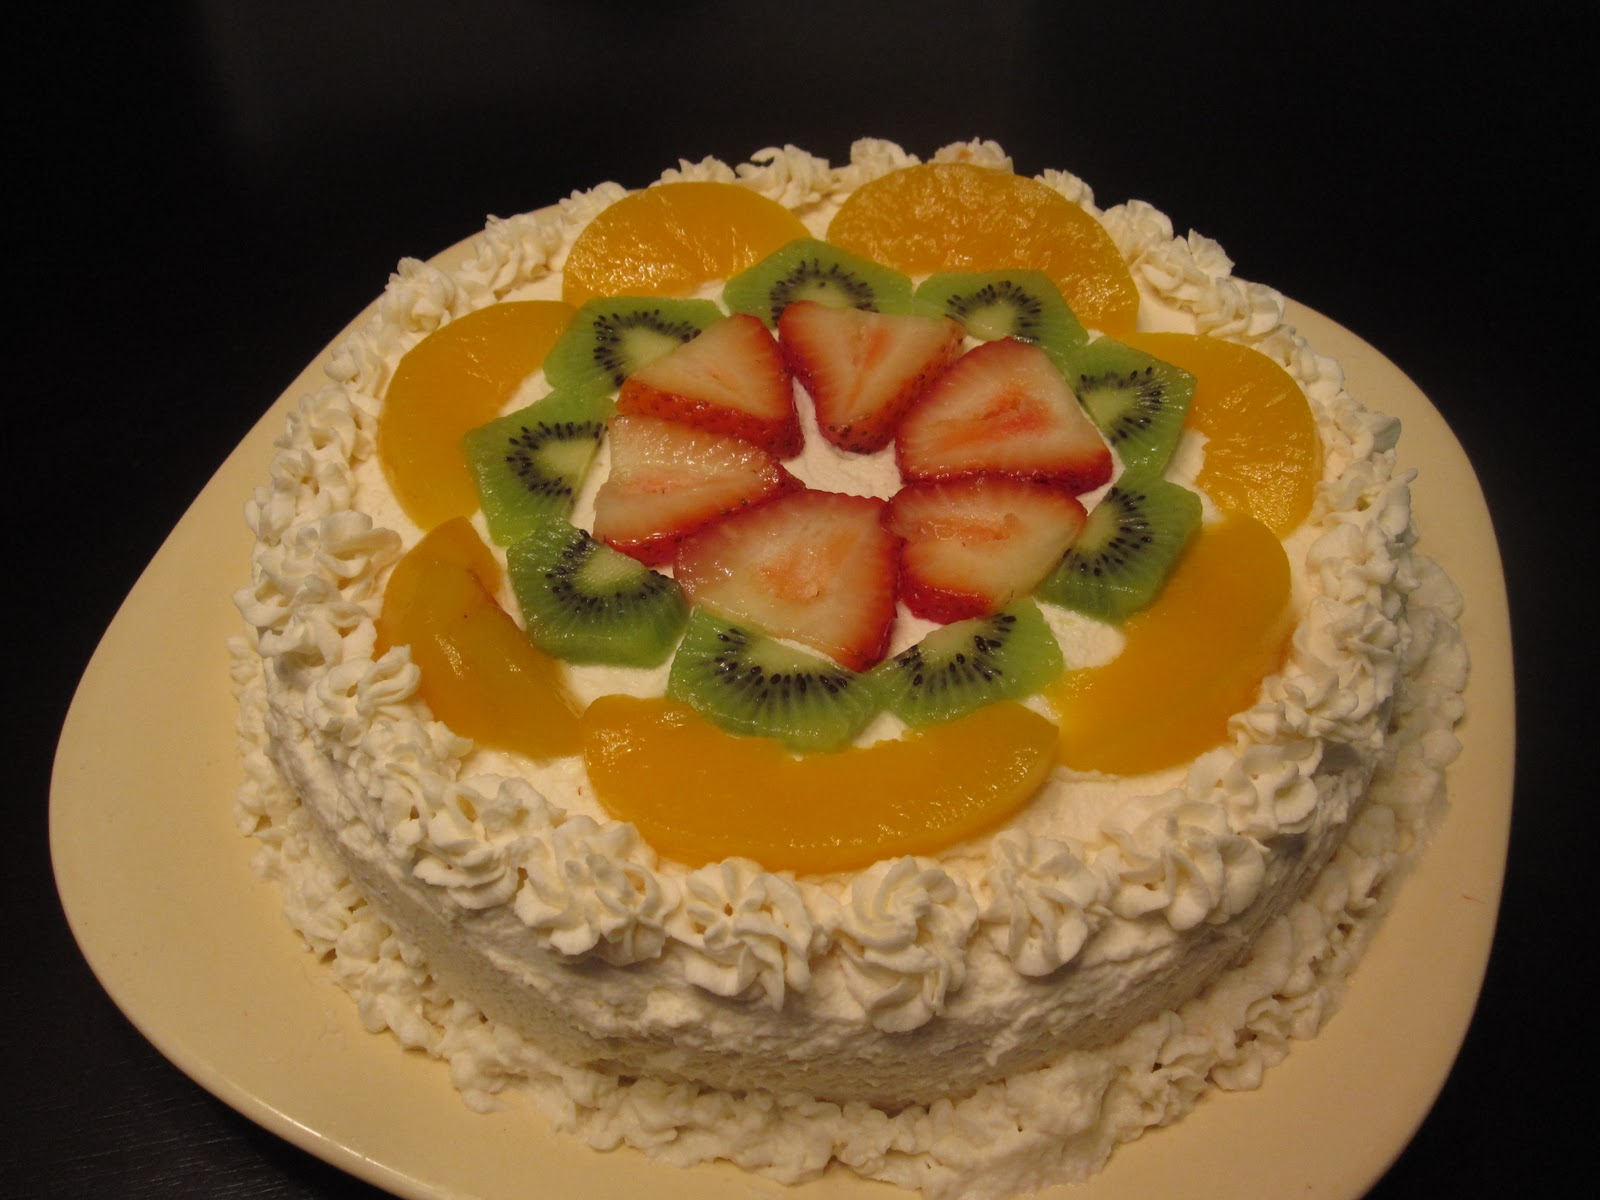 Торт с фруктами и с зефиром фото рецепт пошаговый